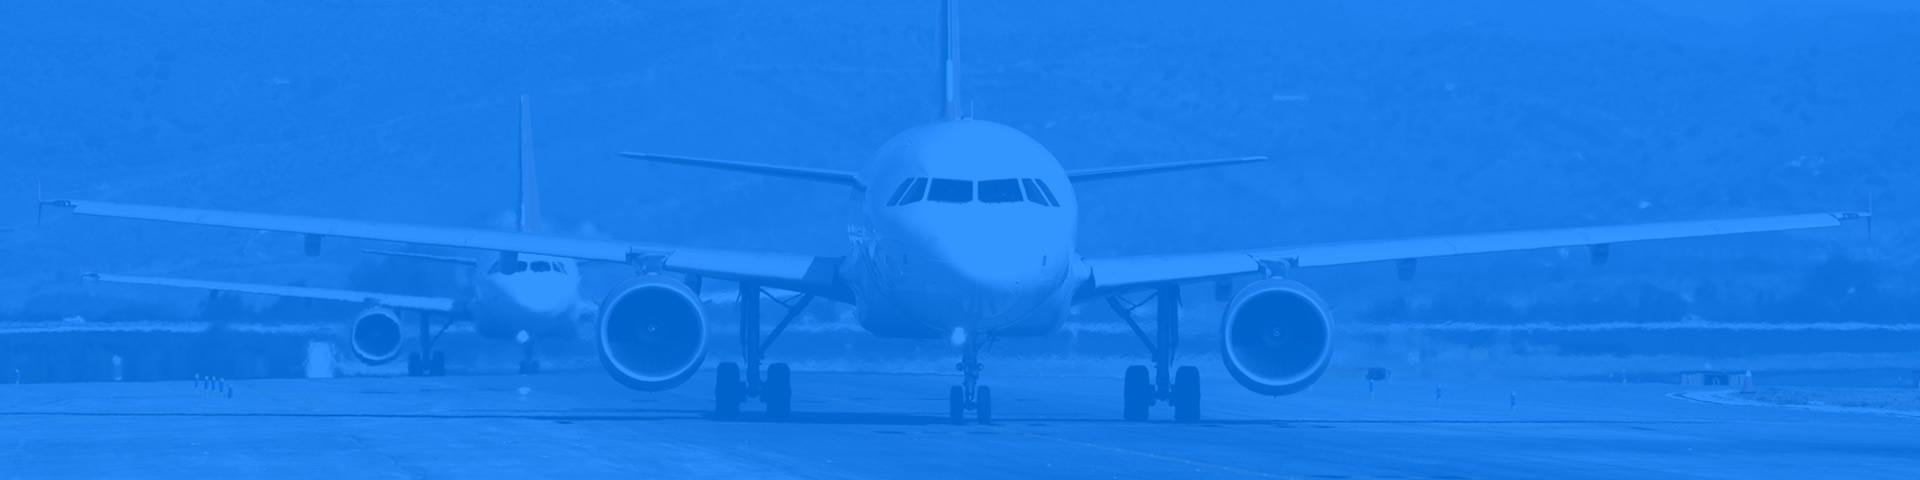 Regulamentos de Tráfego Aéreo VFR